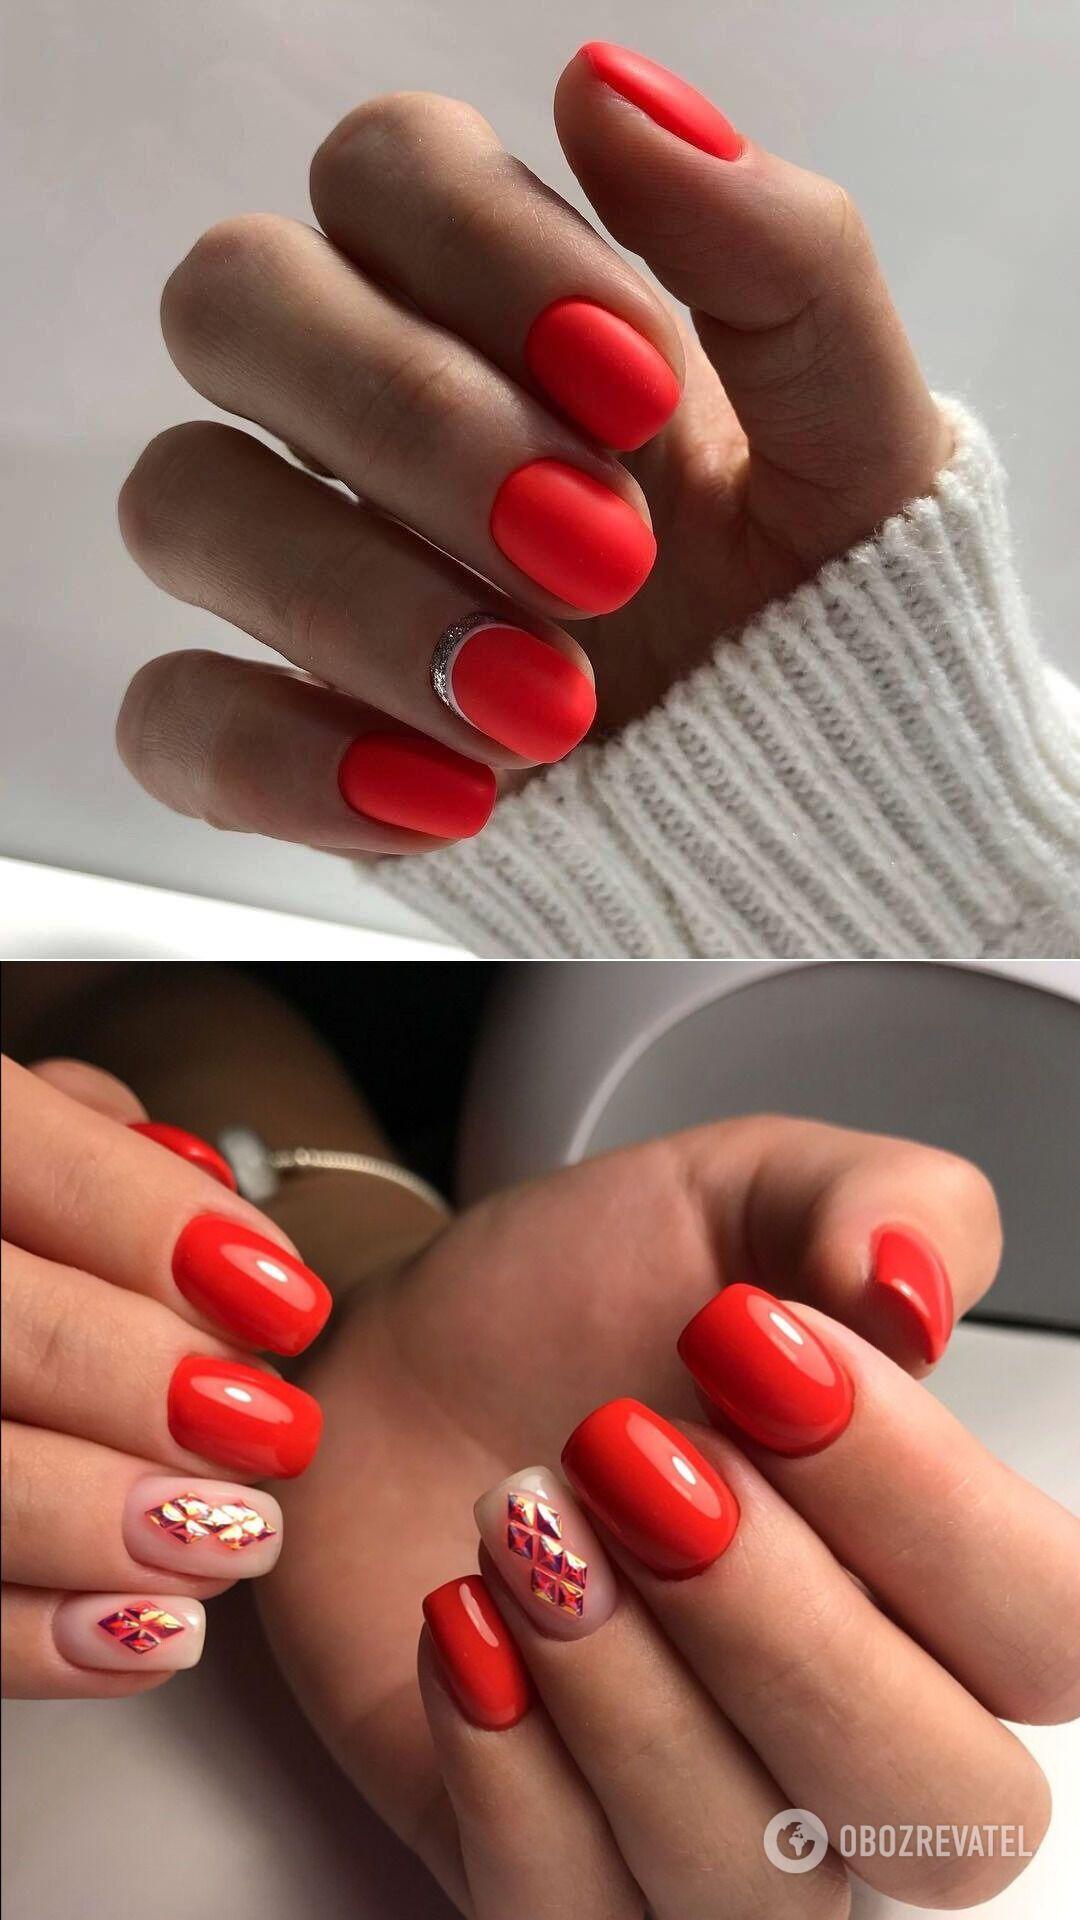 Как выглядит зимний маникюр красного цвета